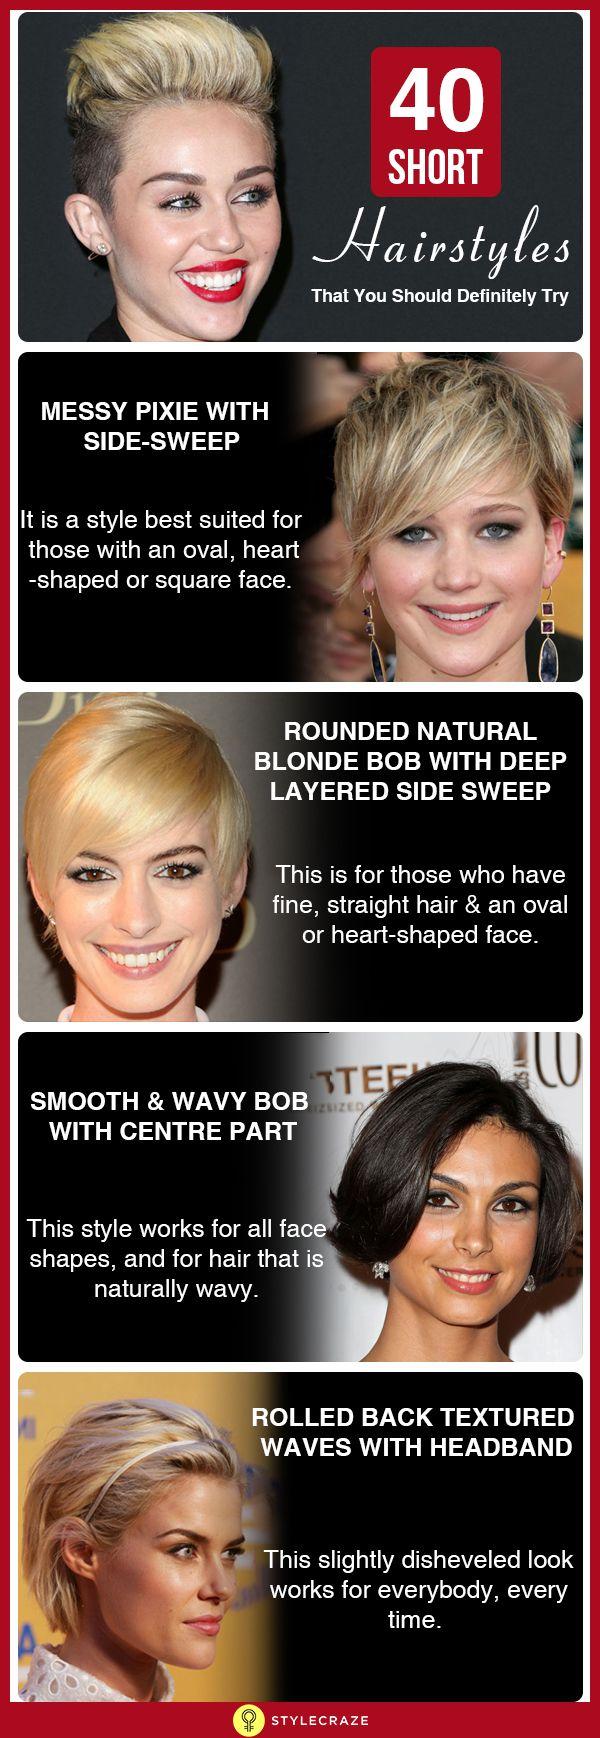 40 Sehr kurze Frisuren, die Sie sollten auf jeden Fall versuchen,